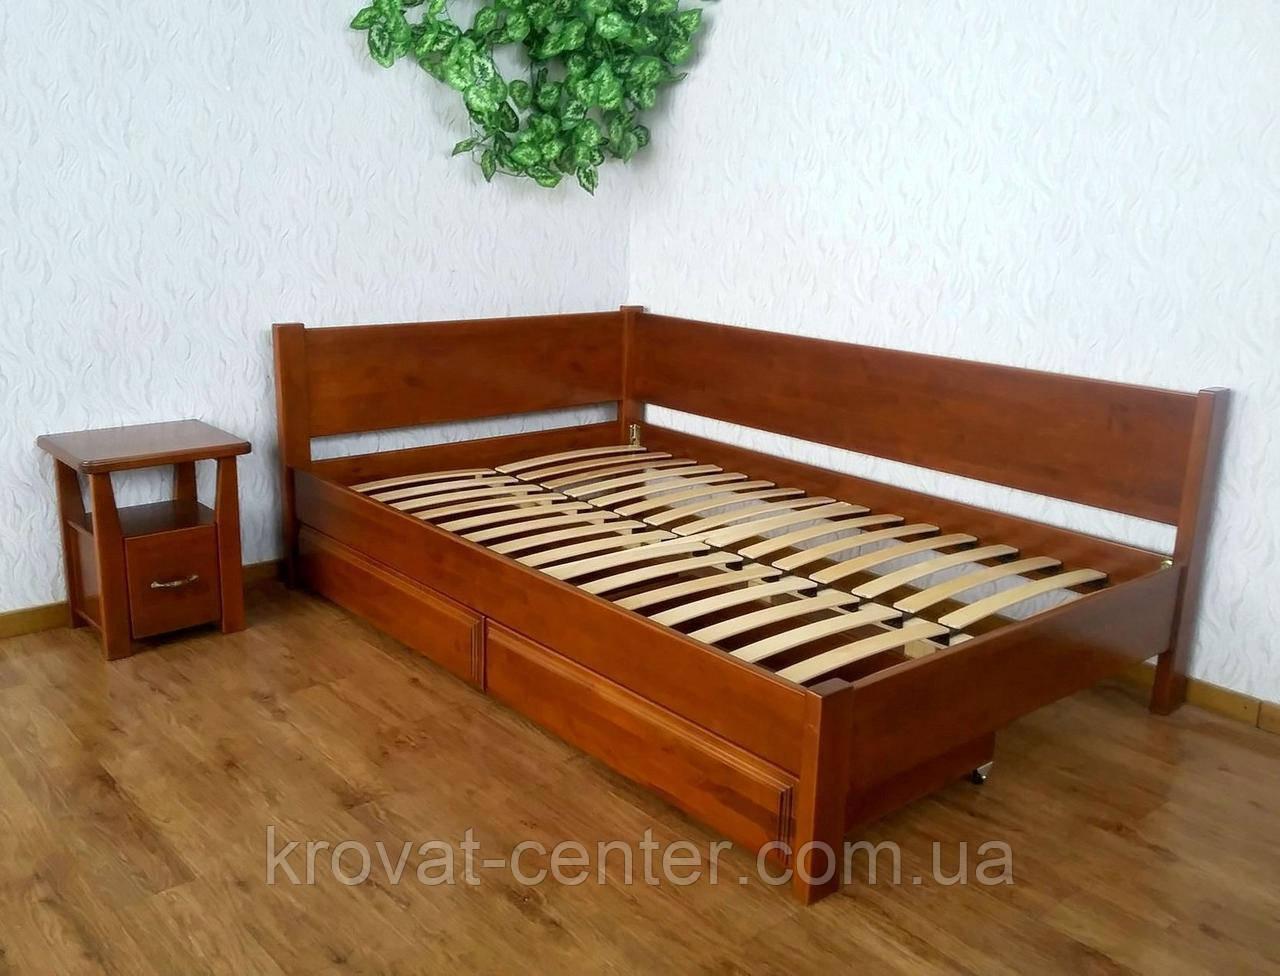 """Полуторная кровать из натурального дерева с выдвижными ящиками """"Шанталь"""""""